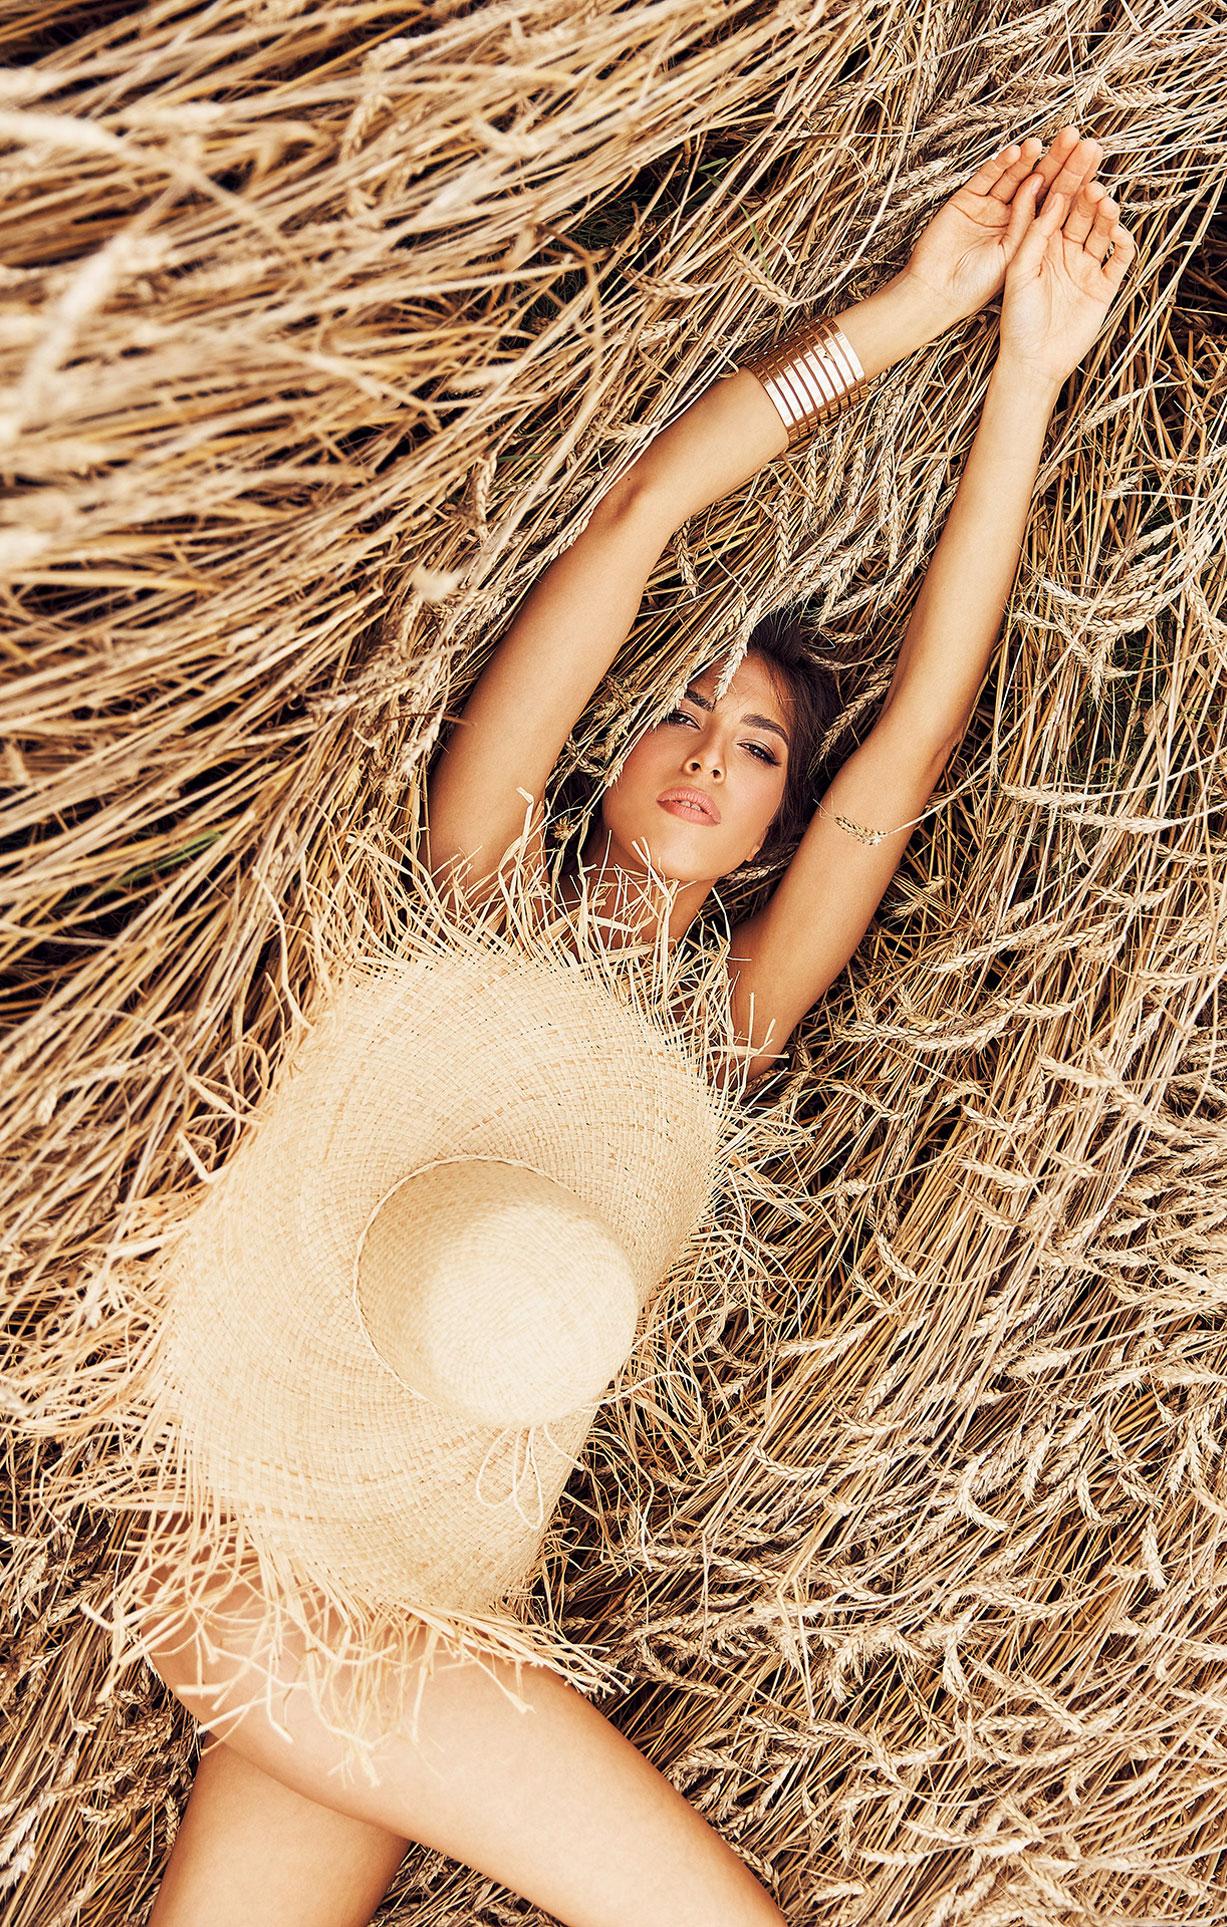 Красивая сексуальная девушка в пшеничном поле / фото 08